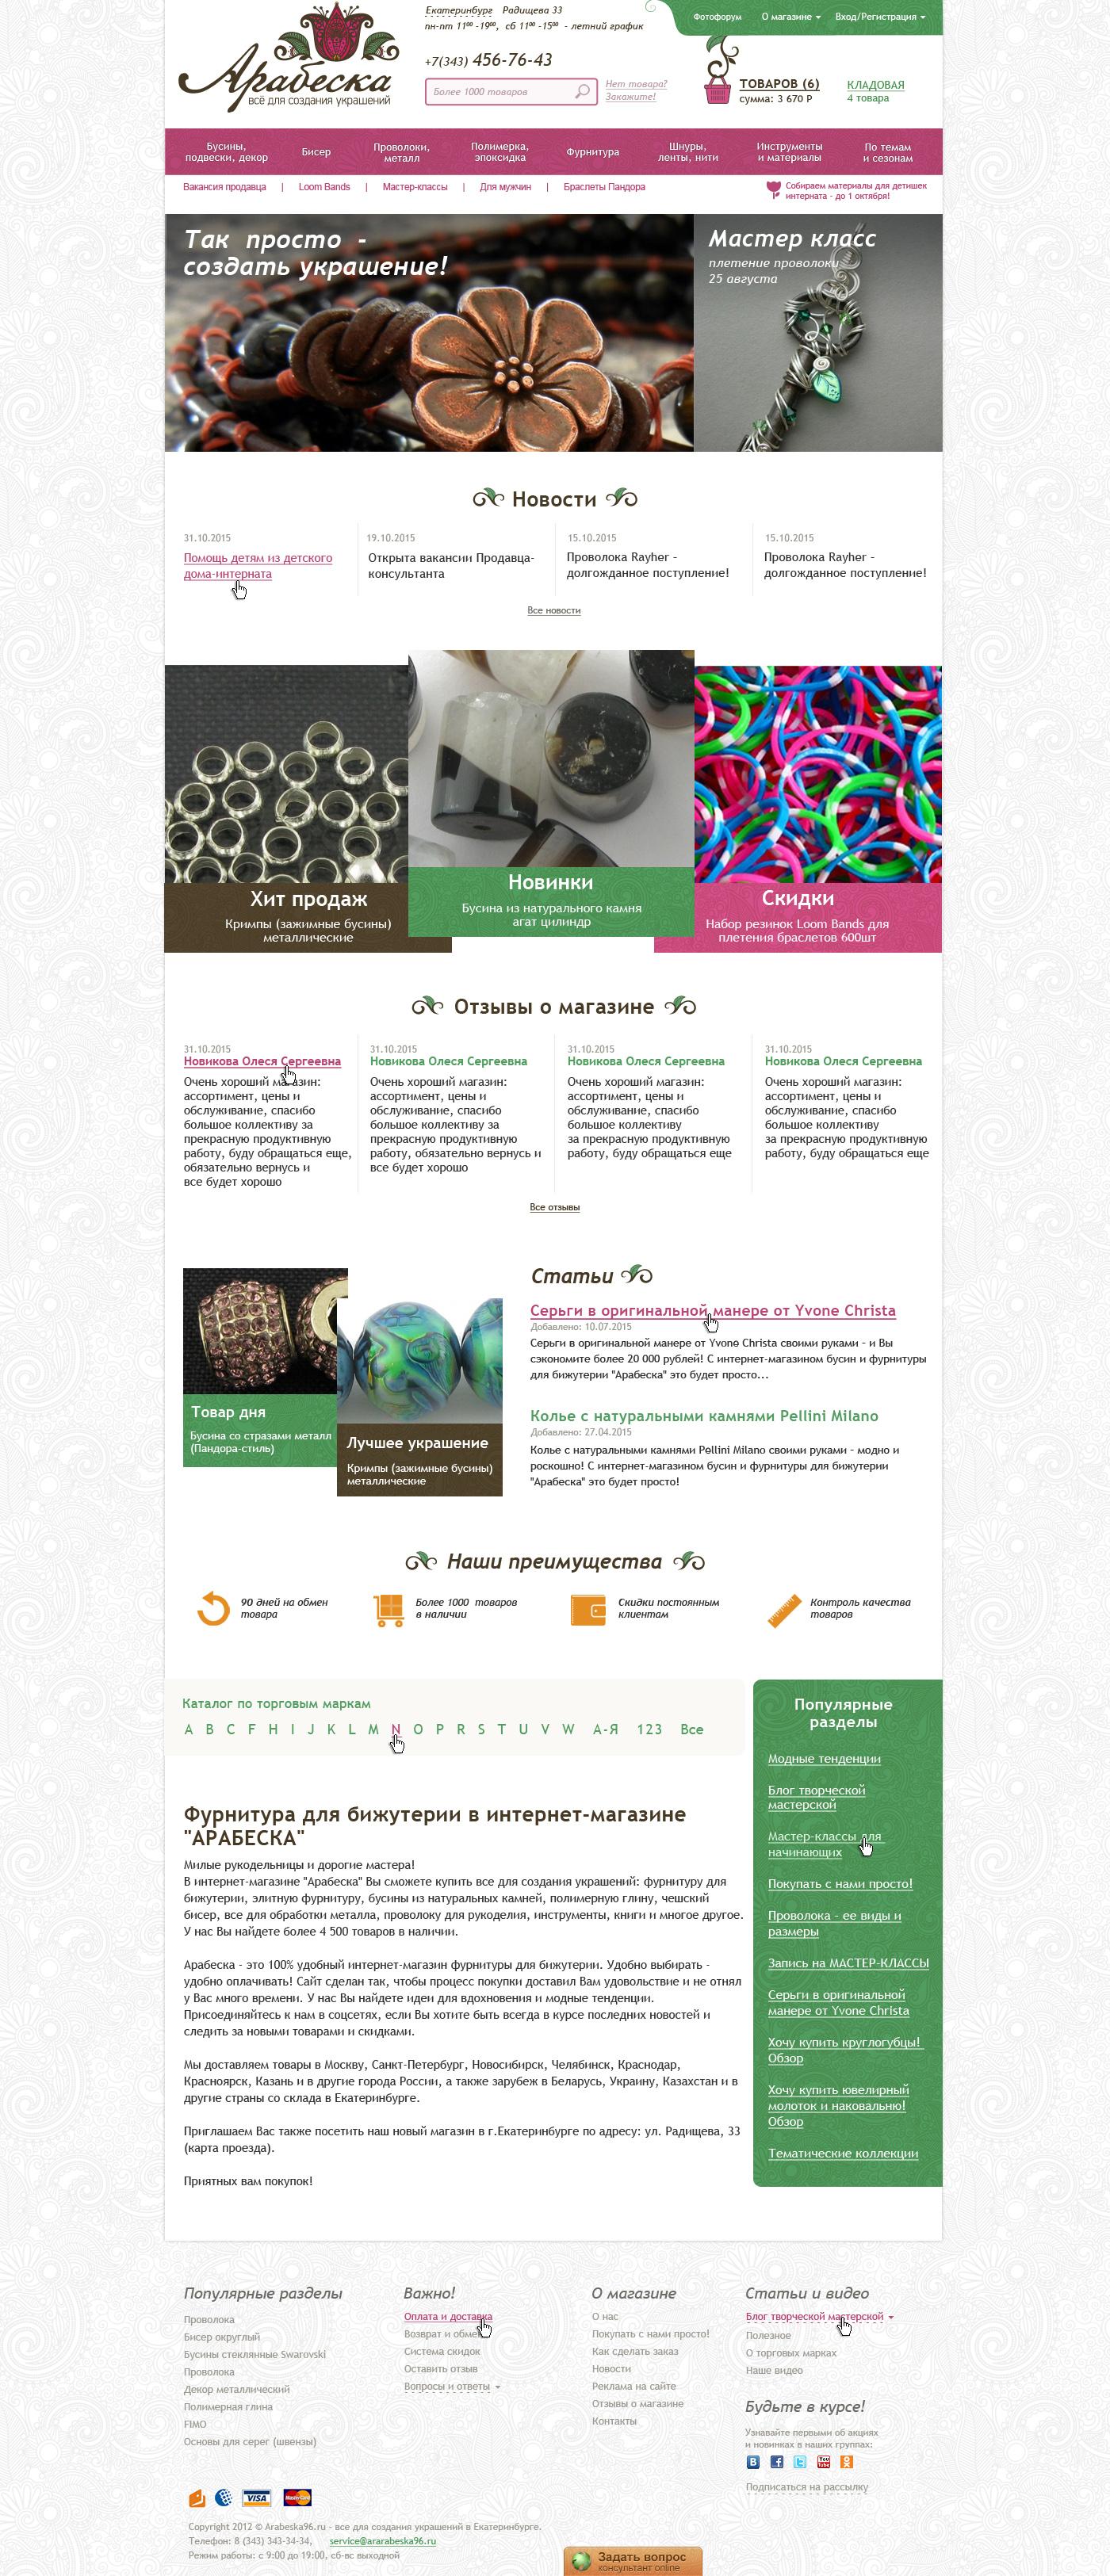 Арабеска. Обновление сайта с учетом разработанного фирменного стиля